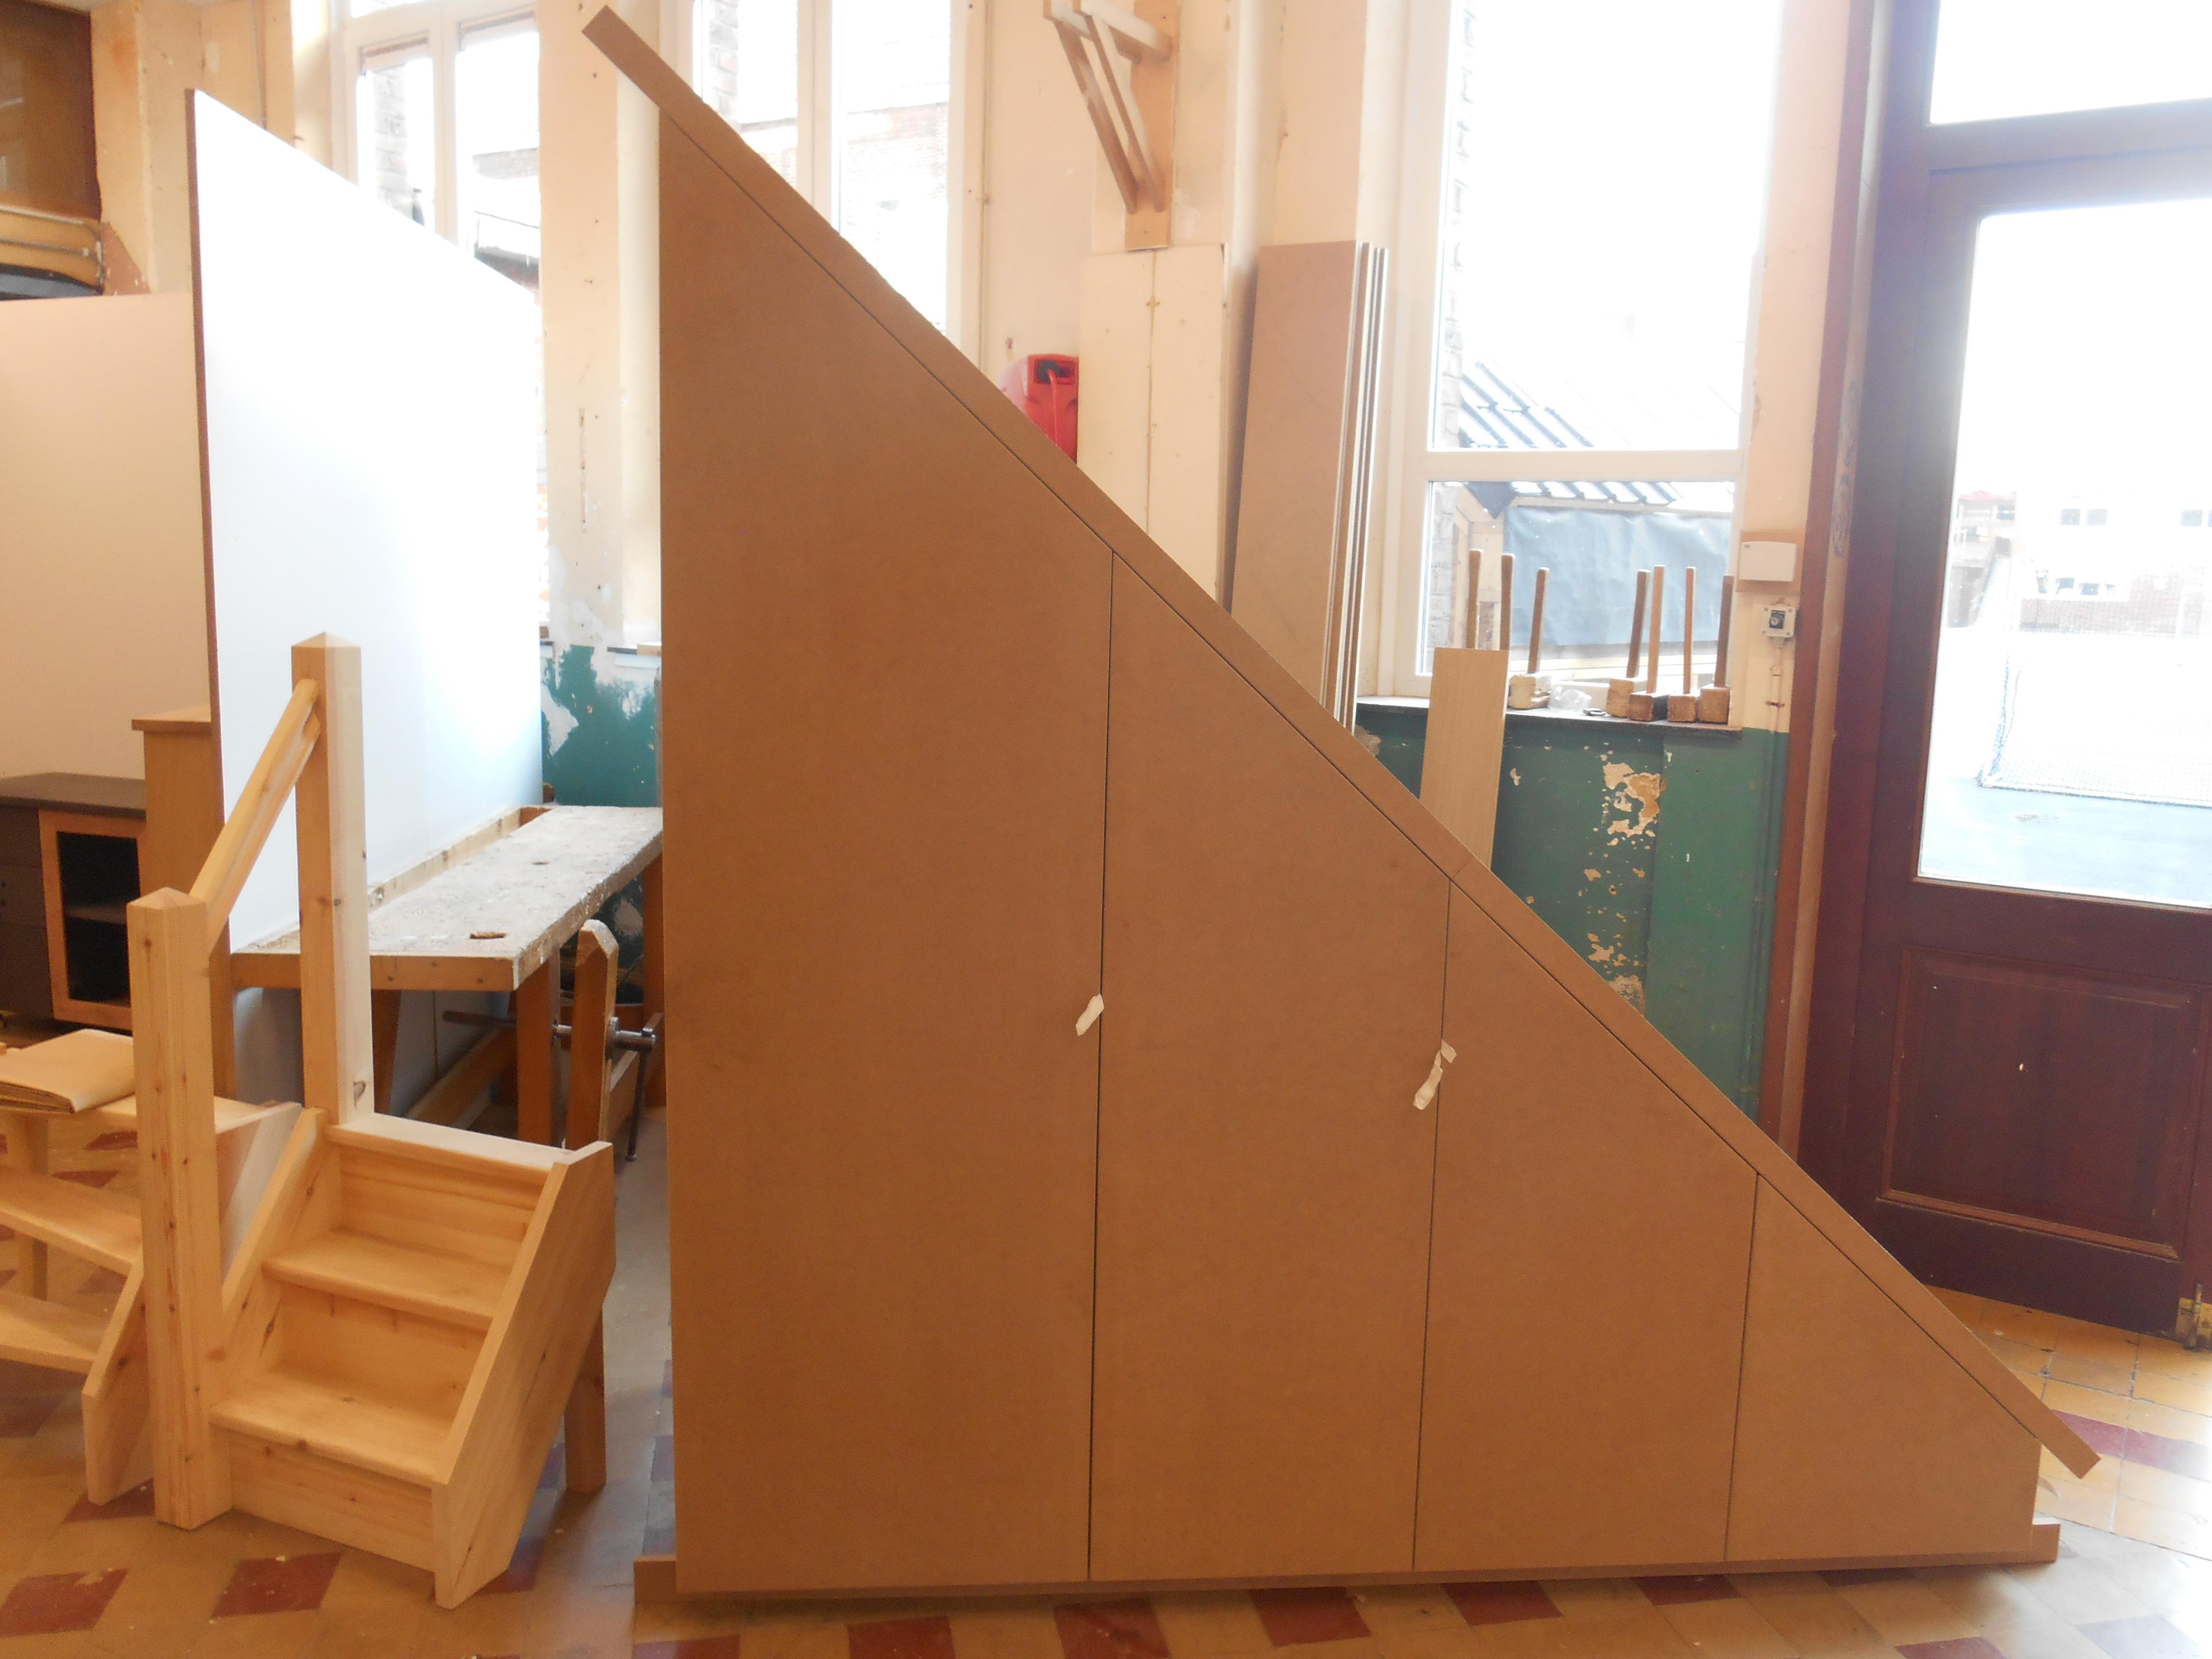 meuble sous escaliers meuble tv sous escalier with meuble sous escaliers simple meuble sous. Black Bedroom Furniture Sets. Home Design Ideas